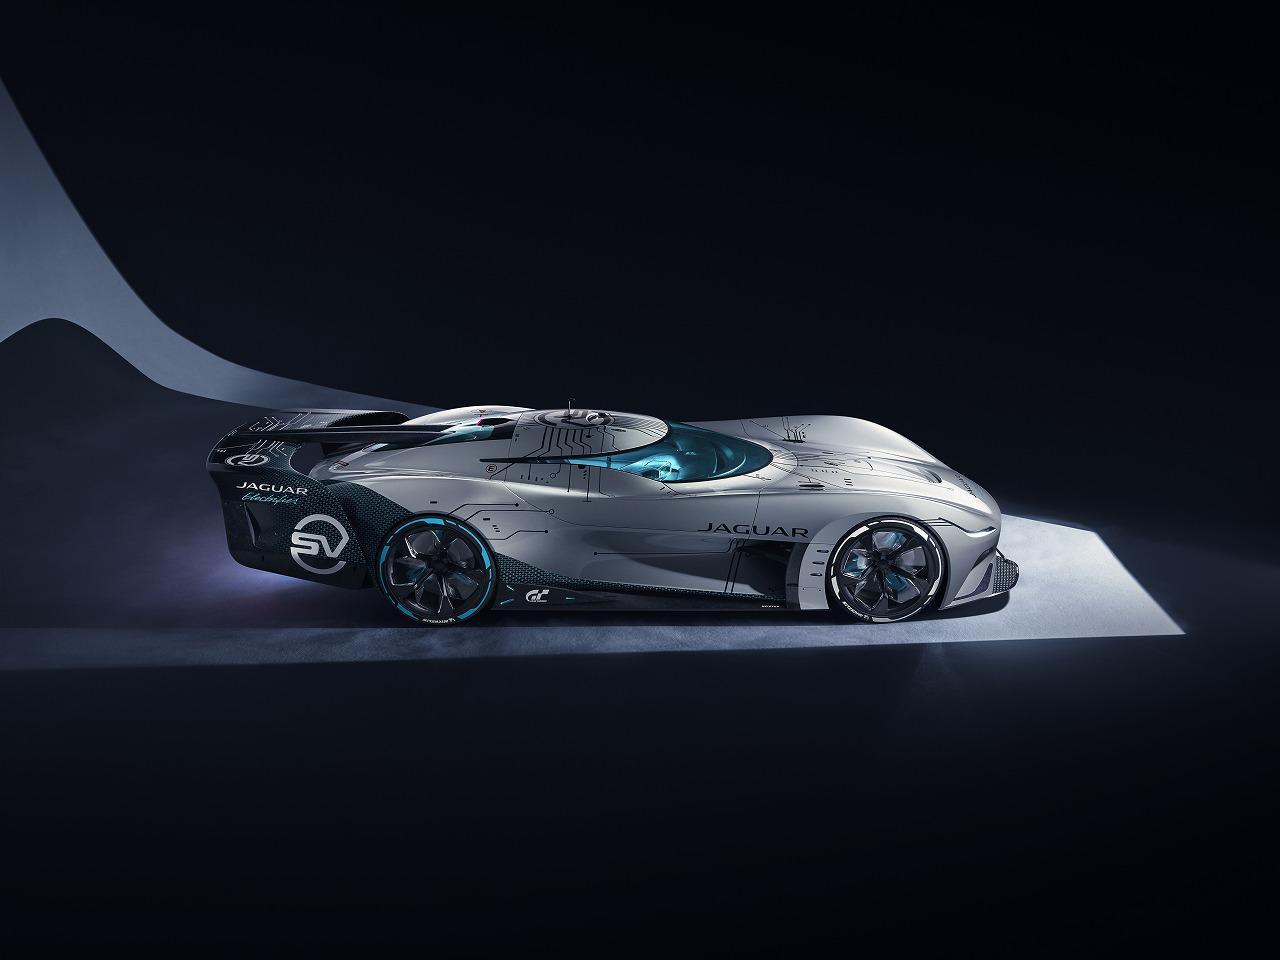 画像3: 「VISION GRAN TURISMO SV」発表 究極のゲーム用フル電動耐久レーシングカー